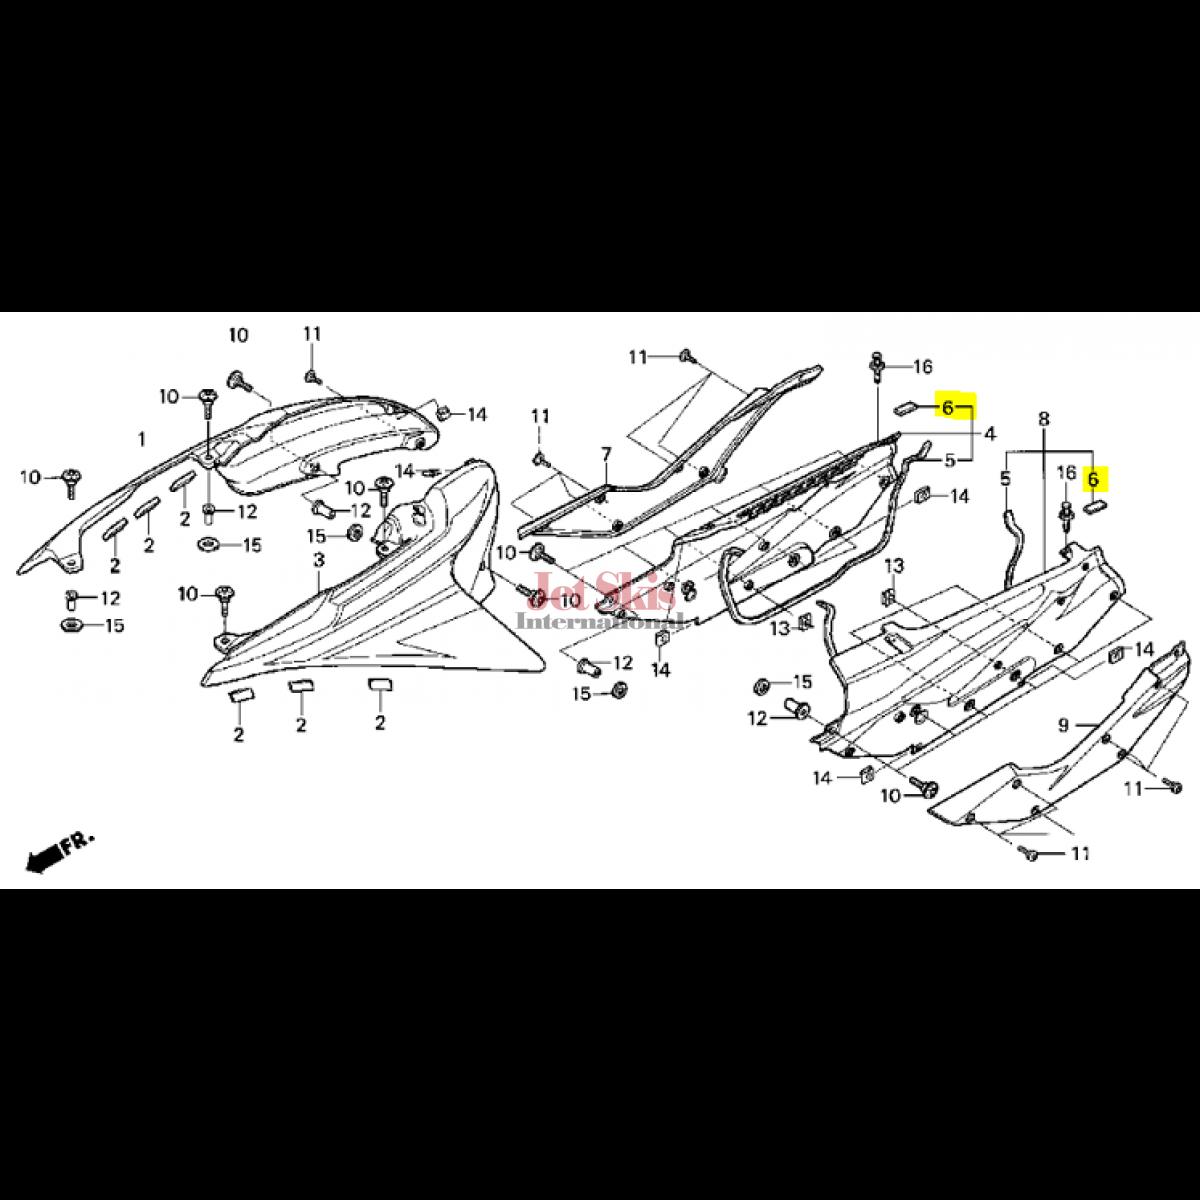 Sea Doo Parts C as well Seadoo Gtx Engine Diagram moreover Sea Doo Schaltplan also Suzuki Gsxr1000 as well Seadoo 951 Carb Diagram. on 1996 seadoo gti wiring diagram